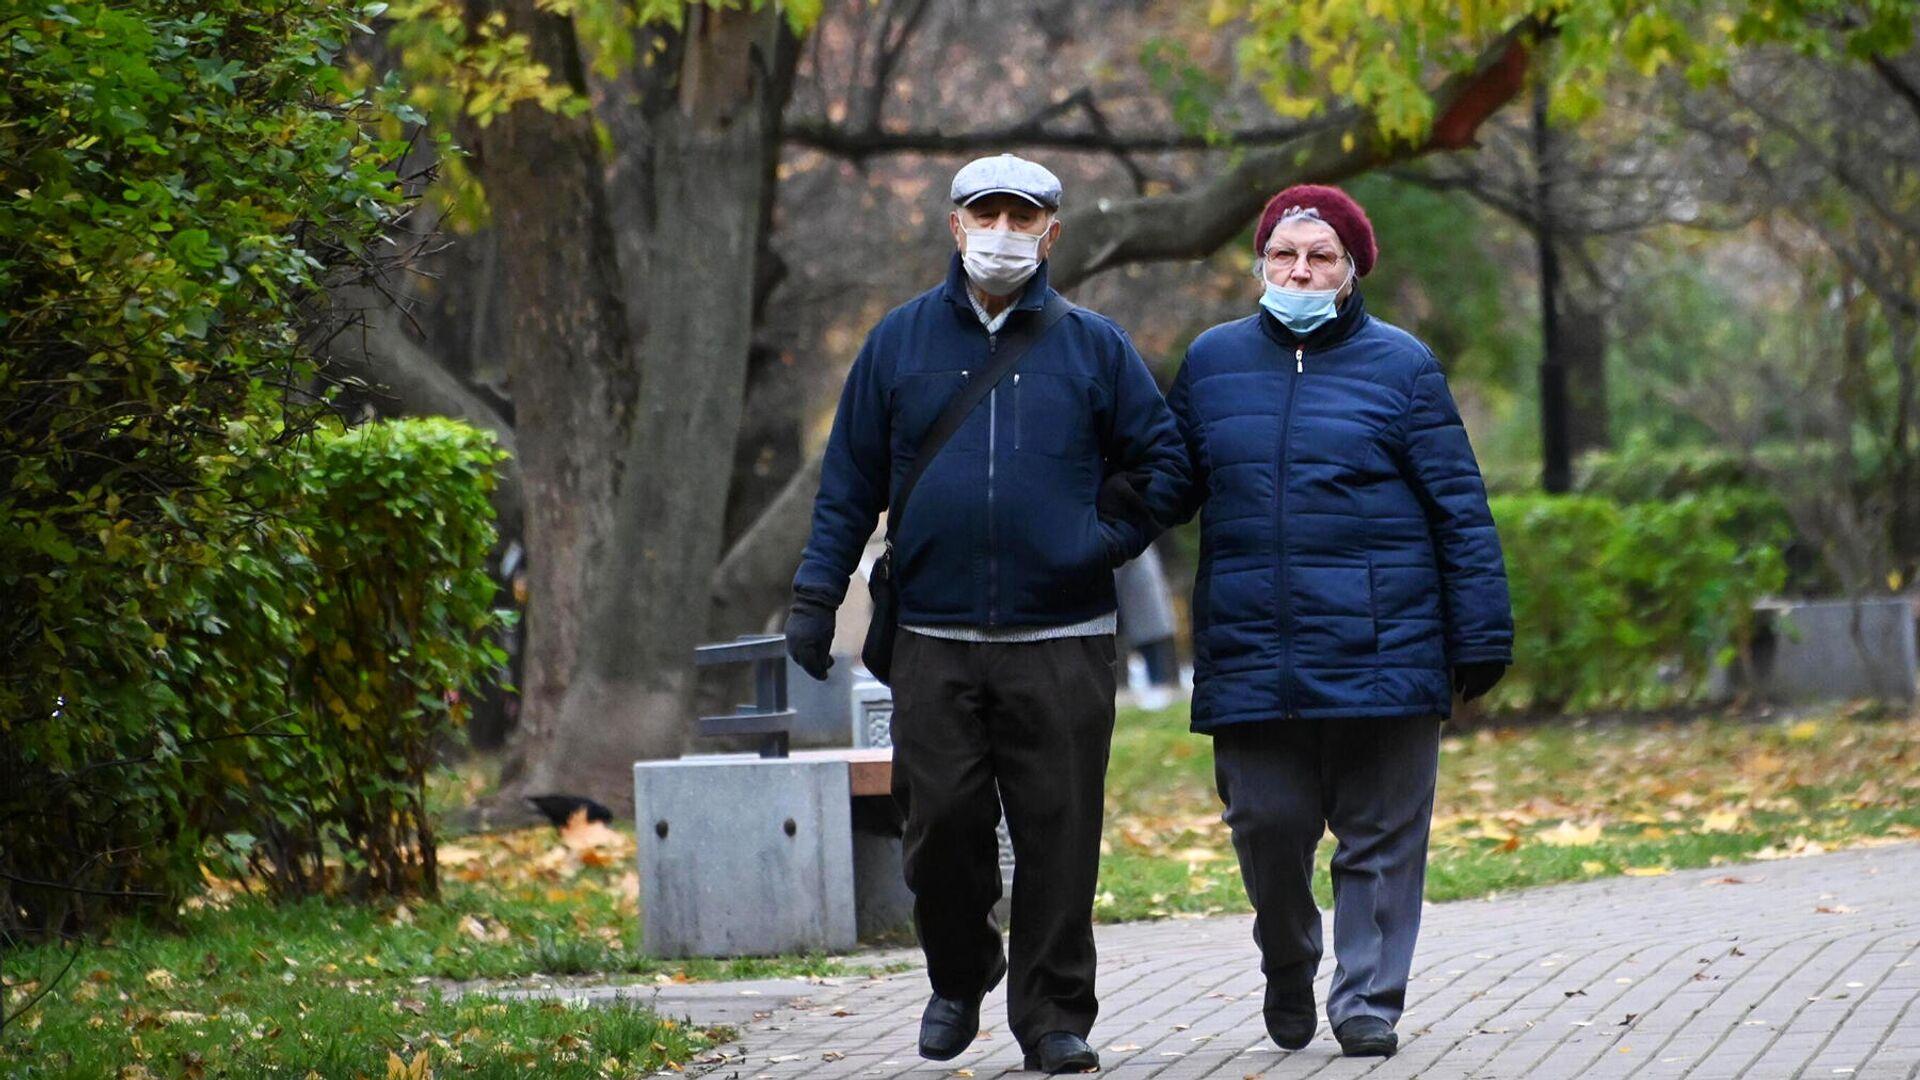 Прохожие в защитных масках на улице Гарибальди в Москве - РИА Новости, 1920, 14.10.2021